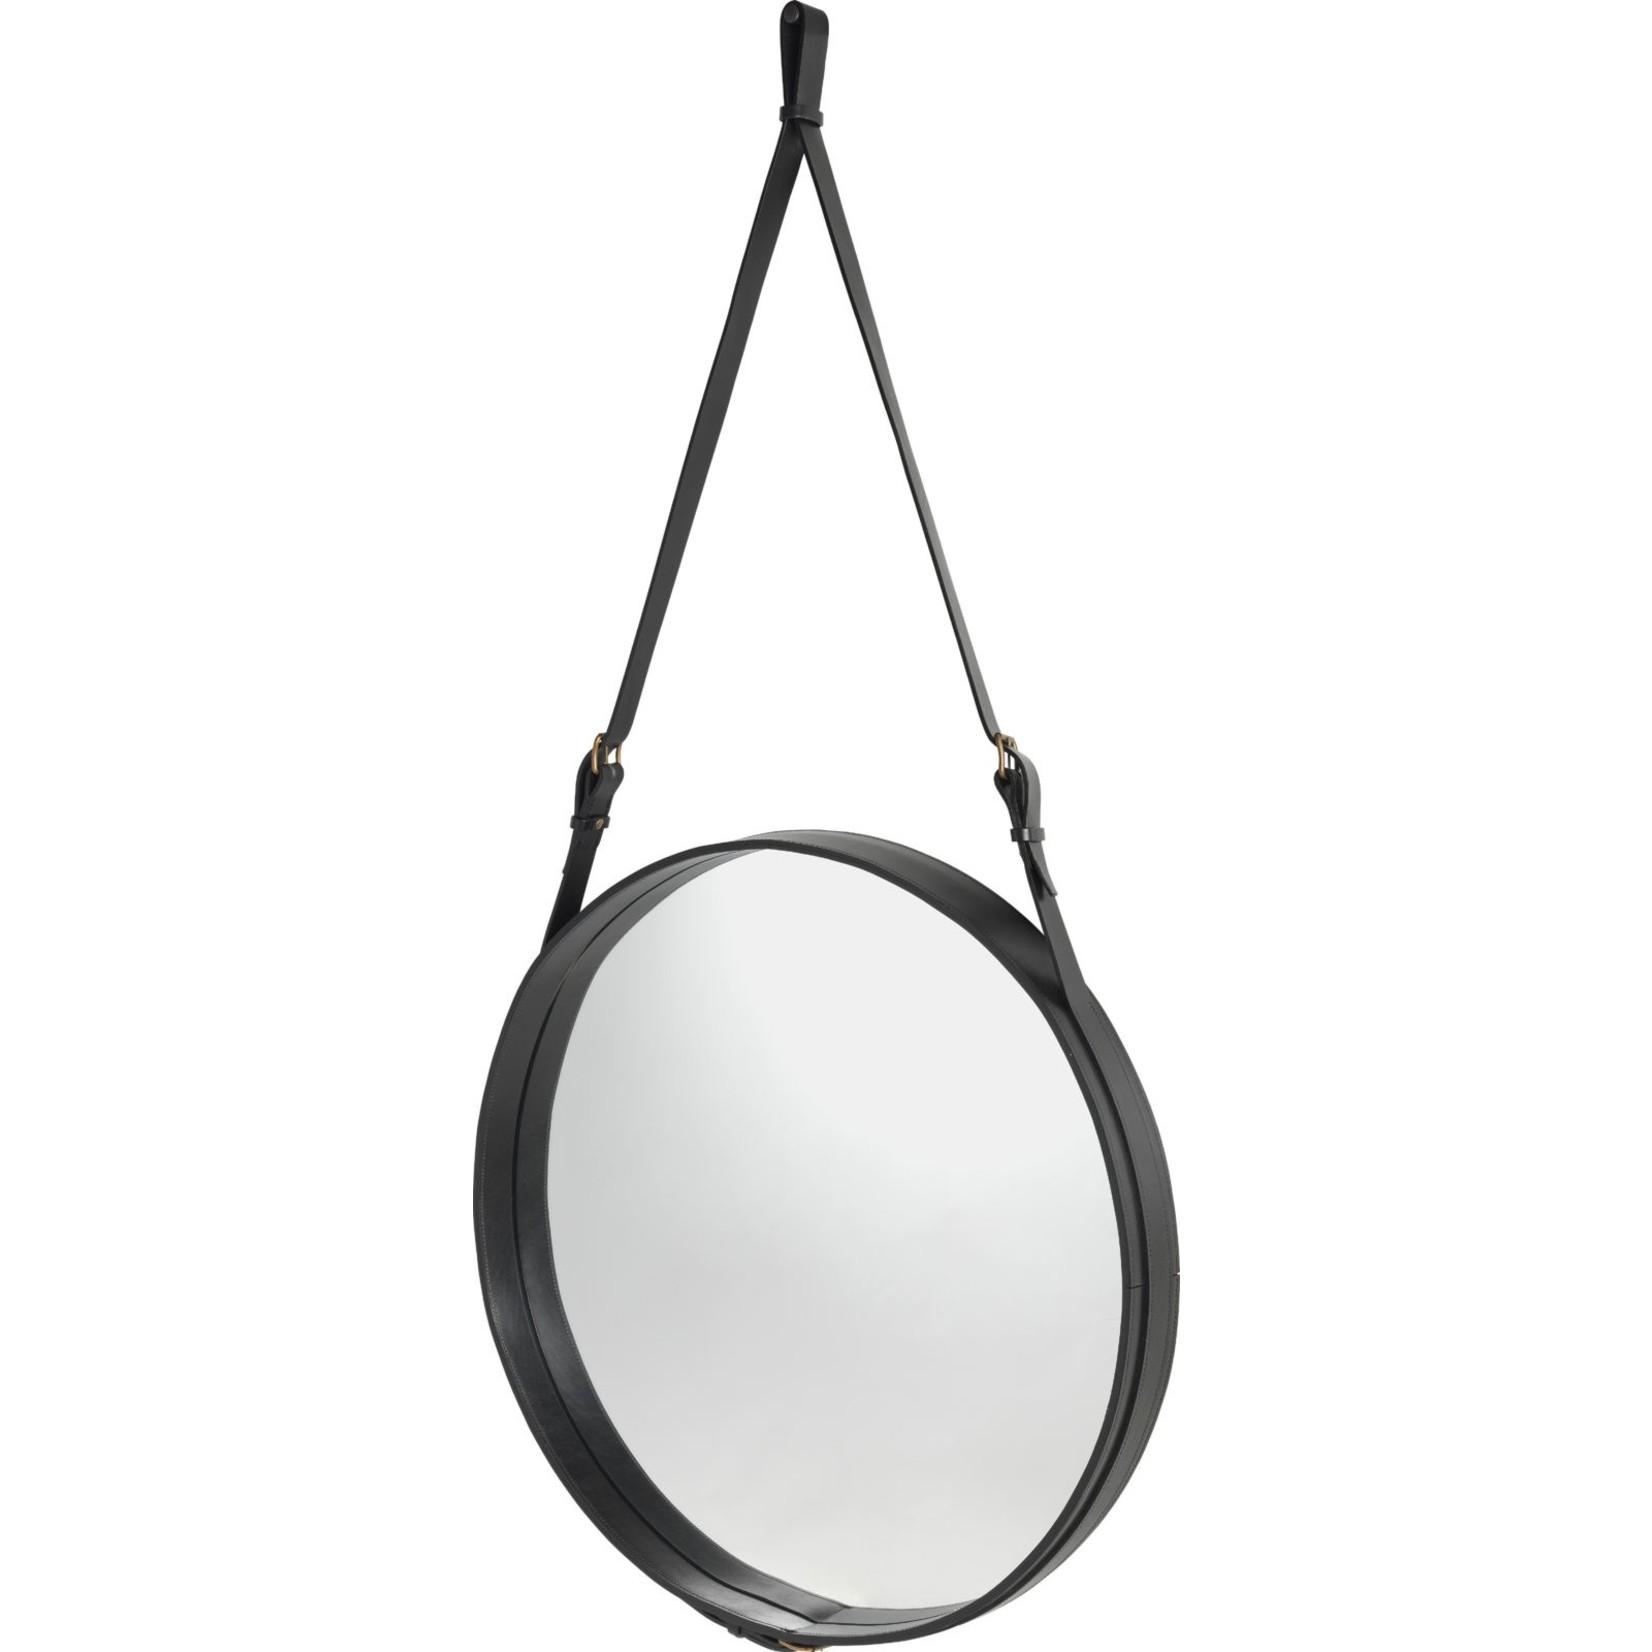 Gubi Wandspiegel Adnet - Rond - Ø70 - Black Leather